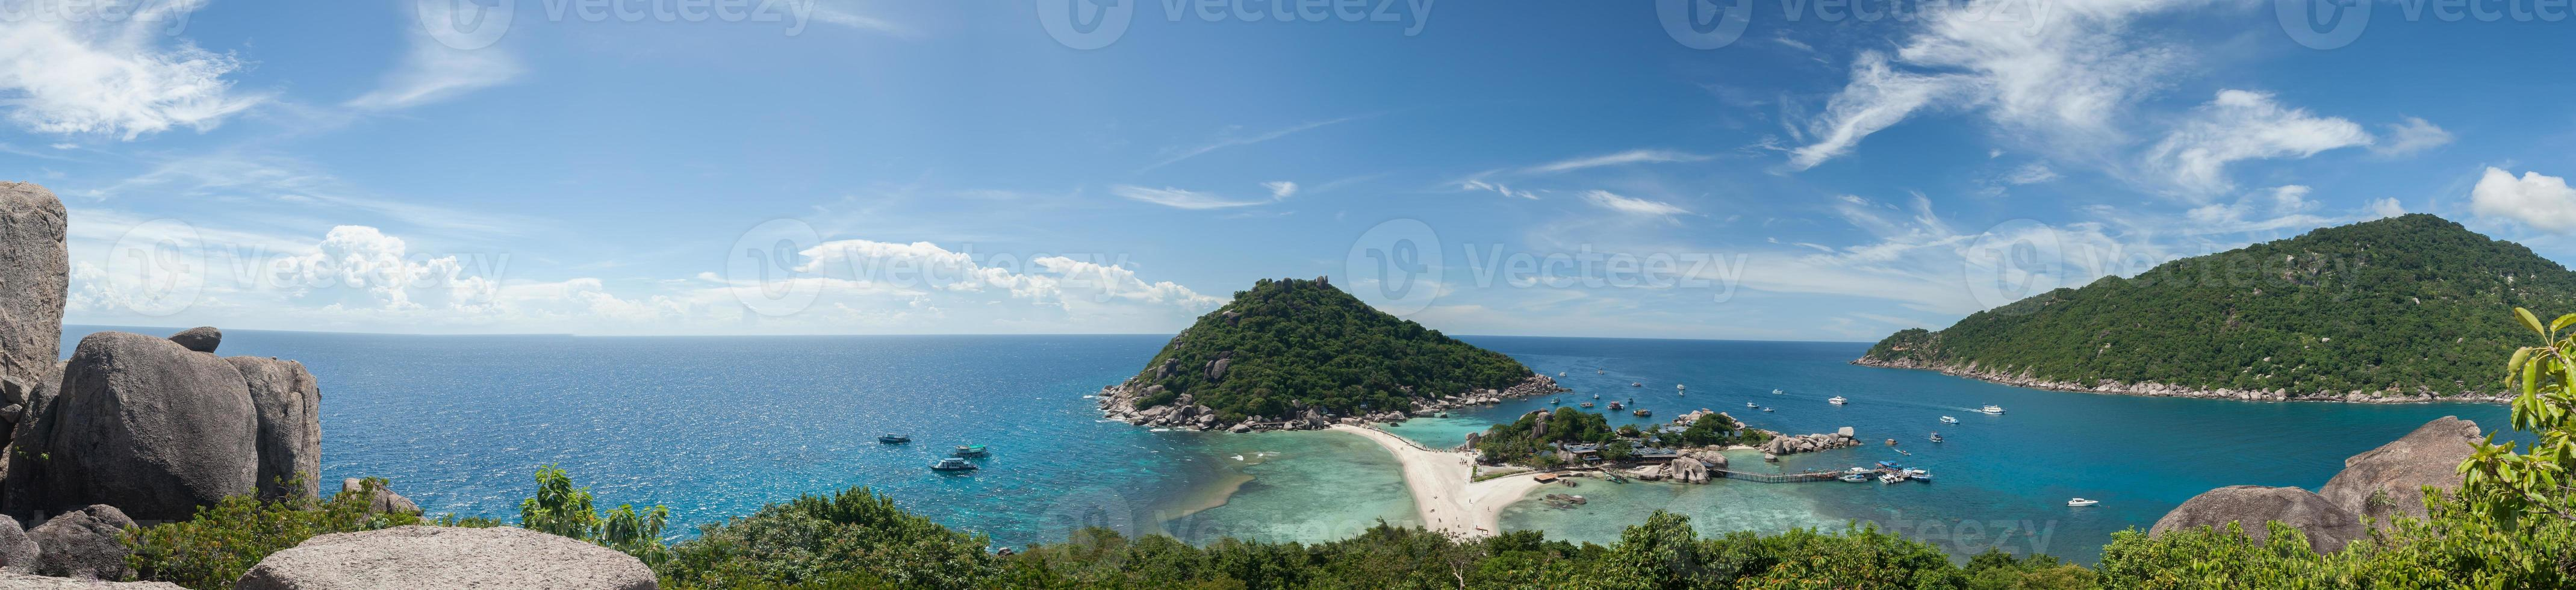 panorama över en strand foto